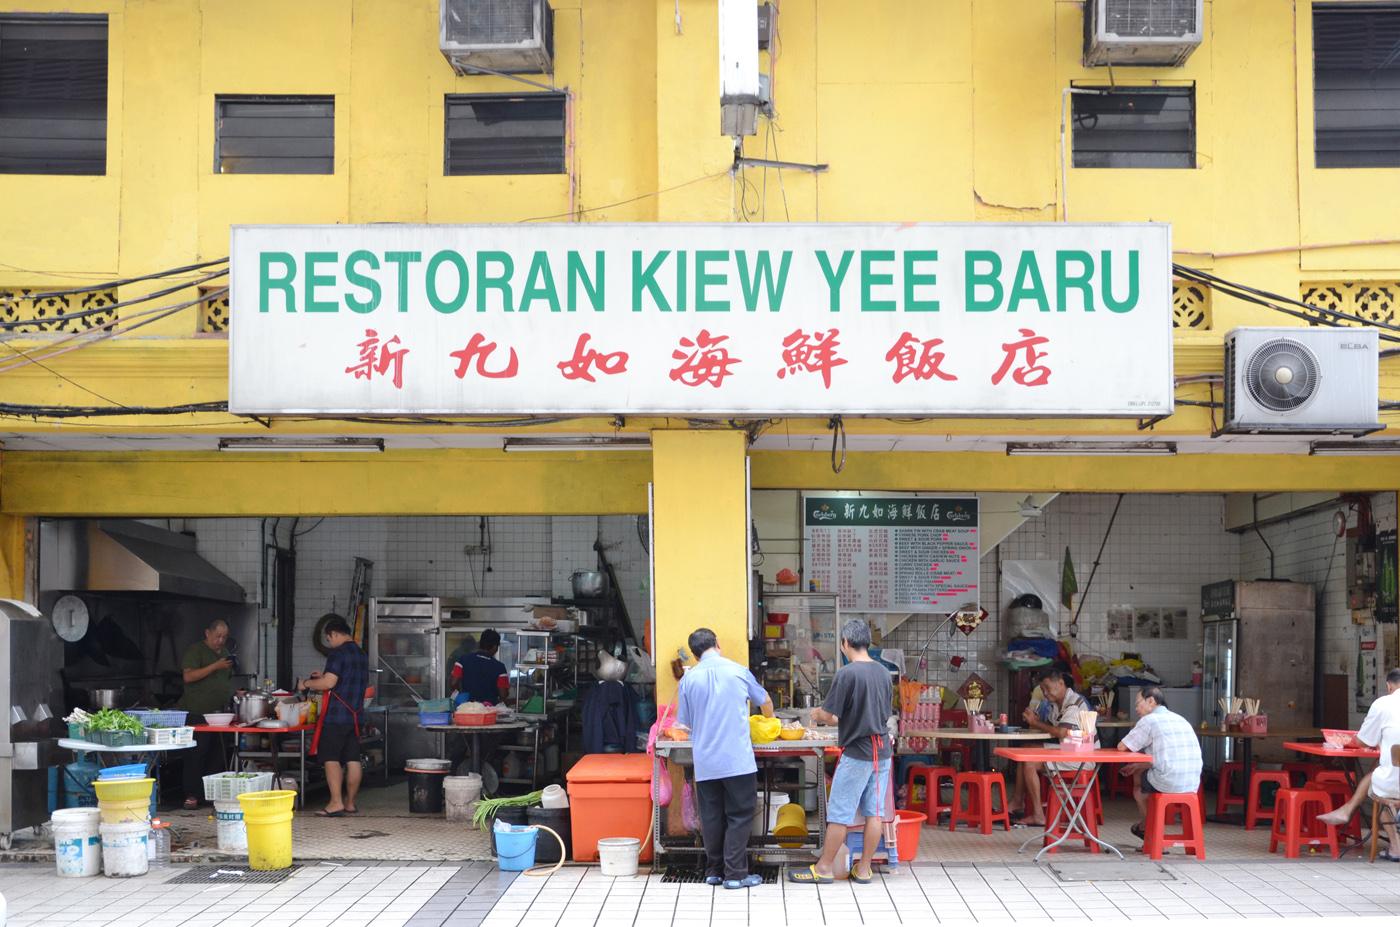 What-to-do-in-Kuala-Lumpur-gucki-chinese-restaurant